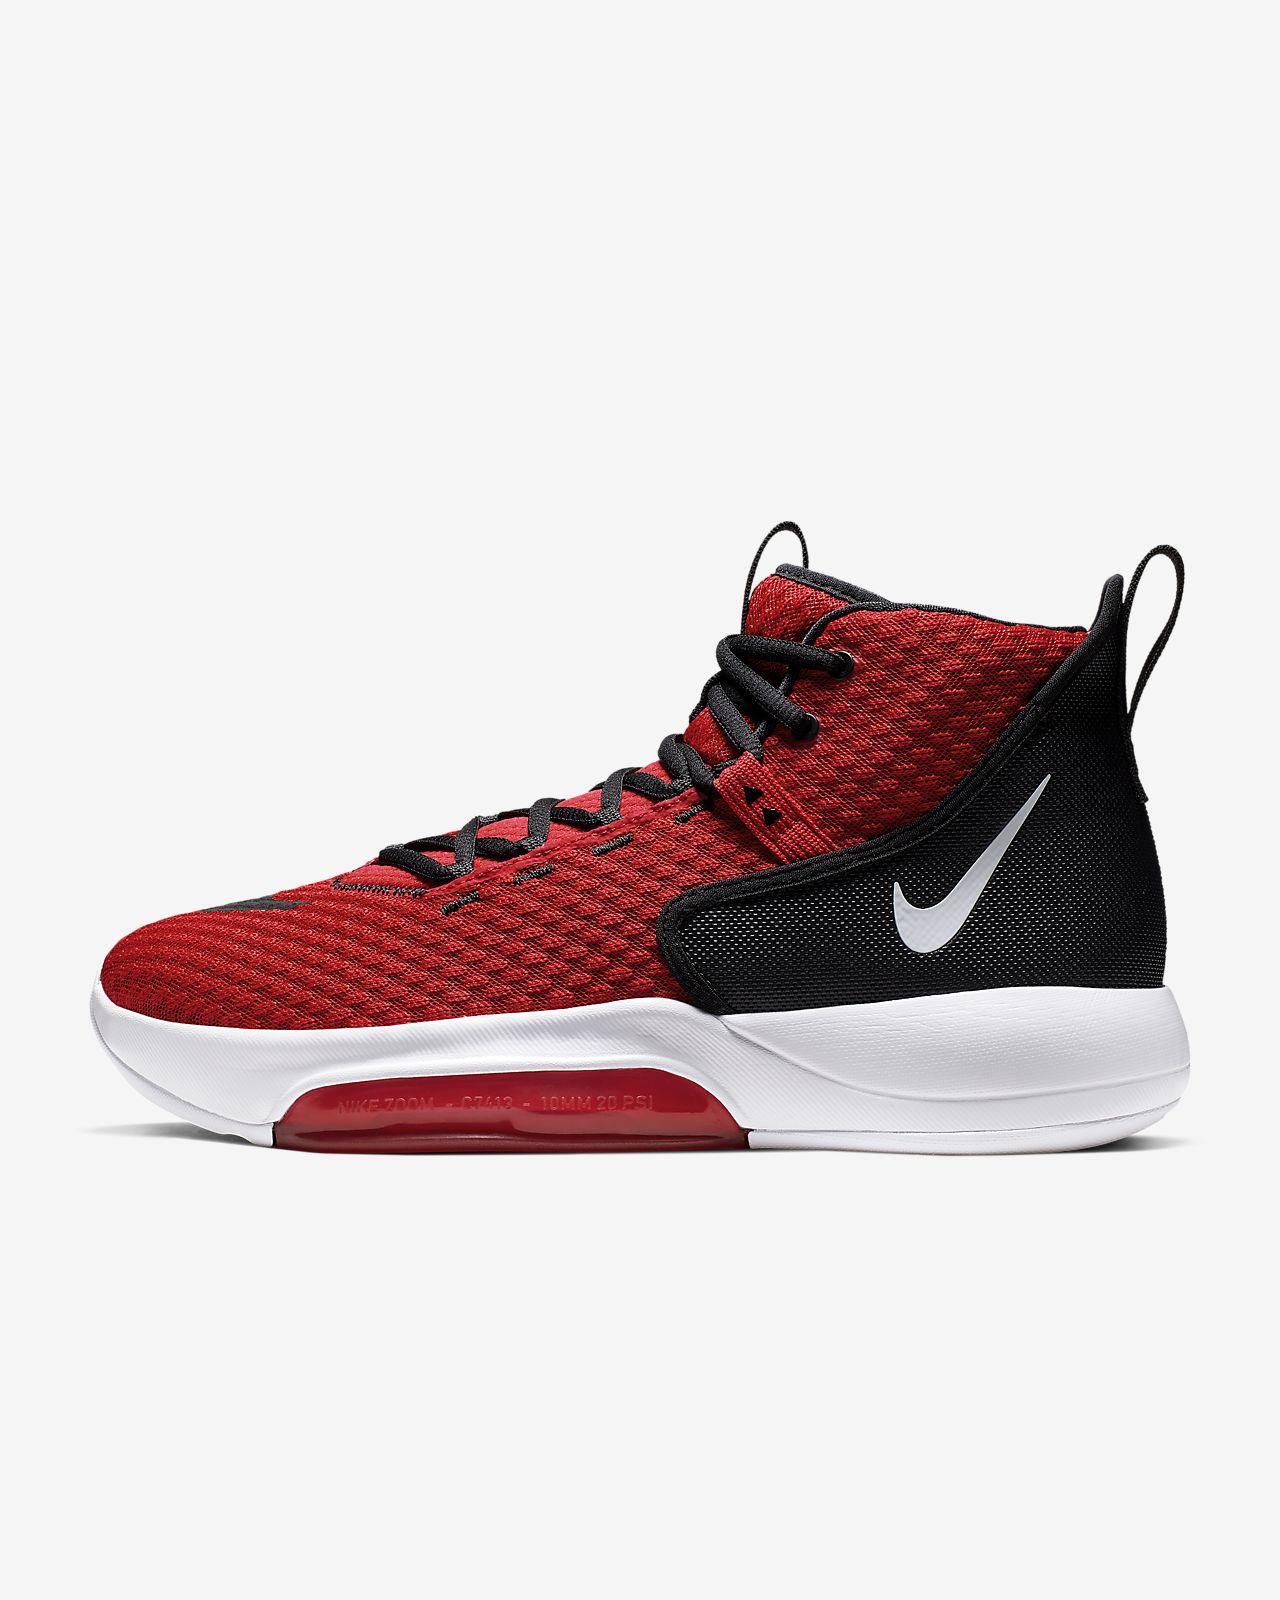 Nike Zoom Rize (Team) Basketball Shoe